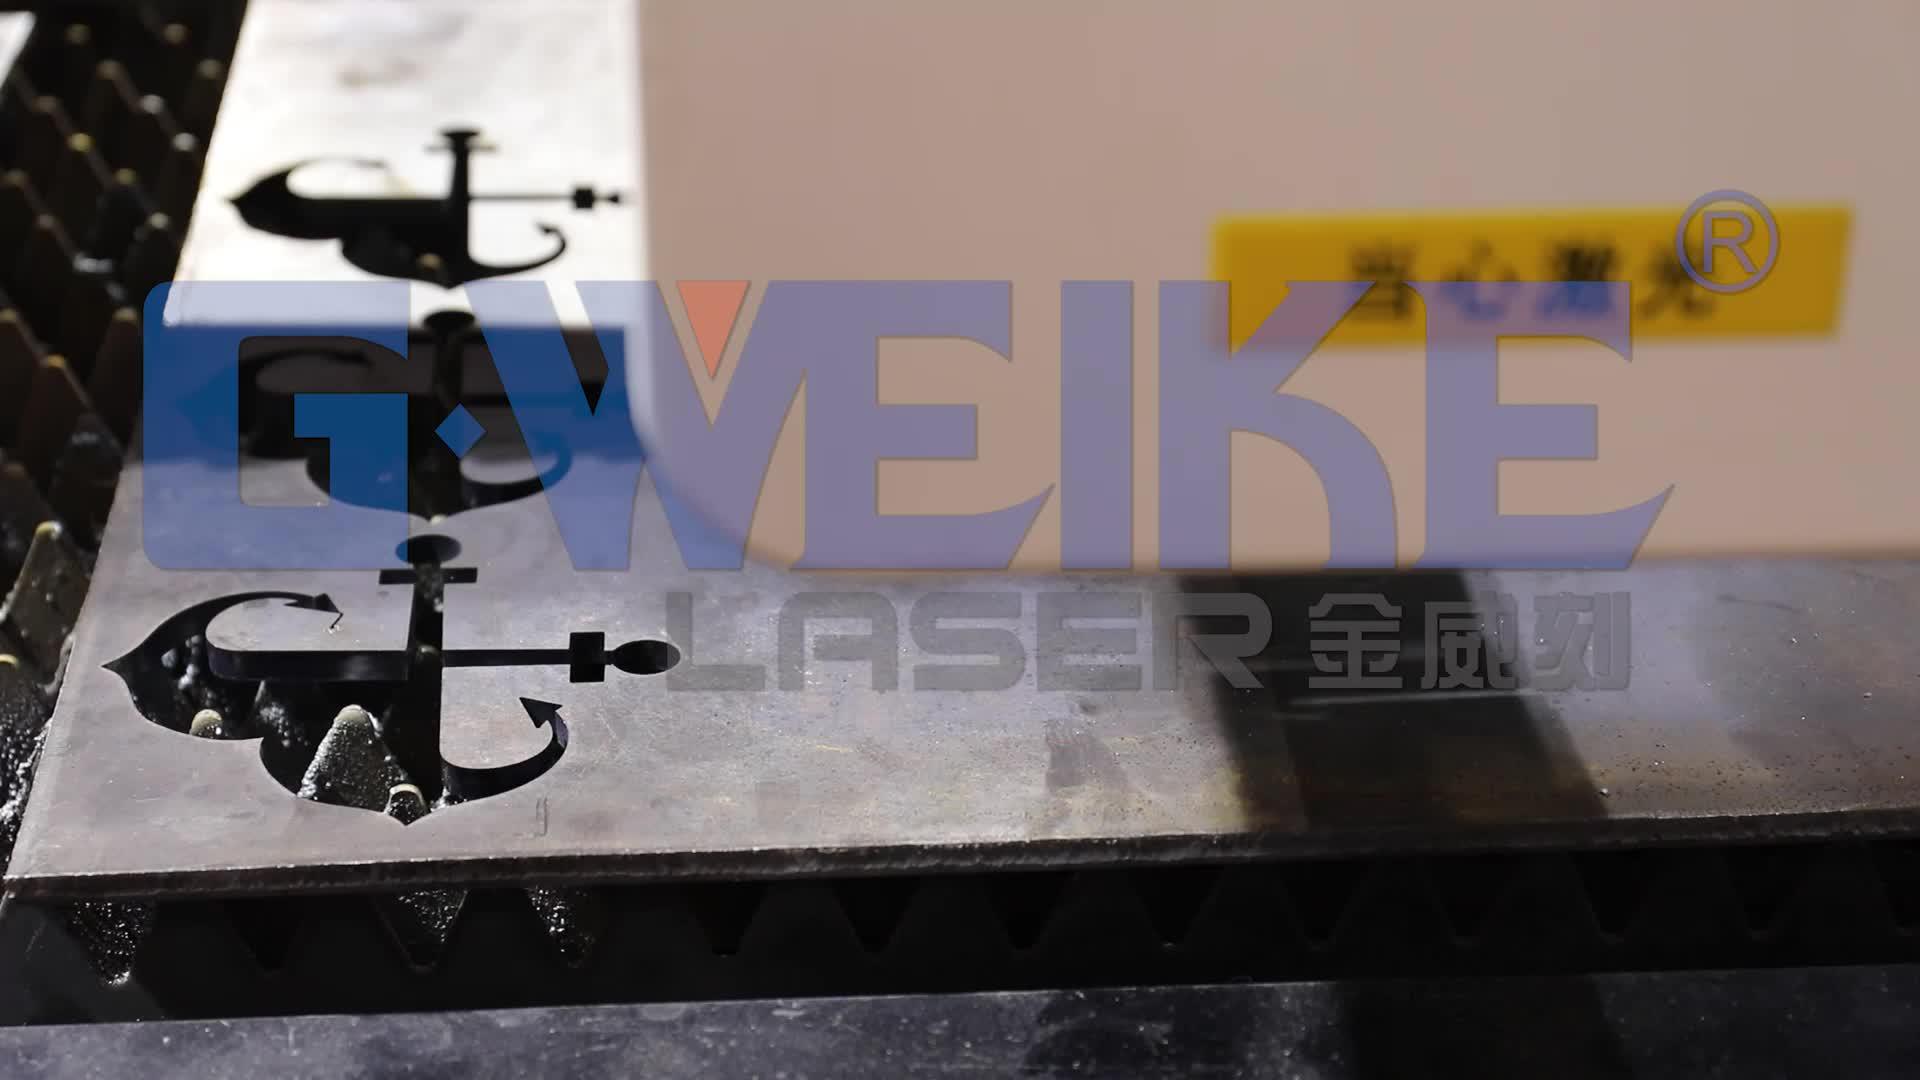 500W 750W 1000W 2000W CNC mini metal fiber laser cutting machine for 1mm 2mm 3mm 5mm 6mm